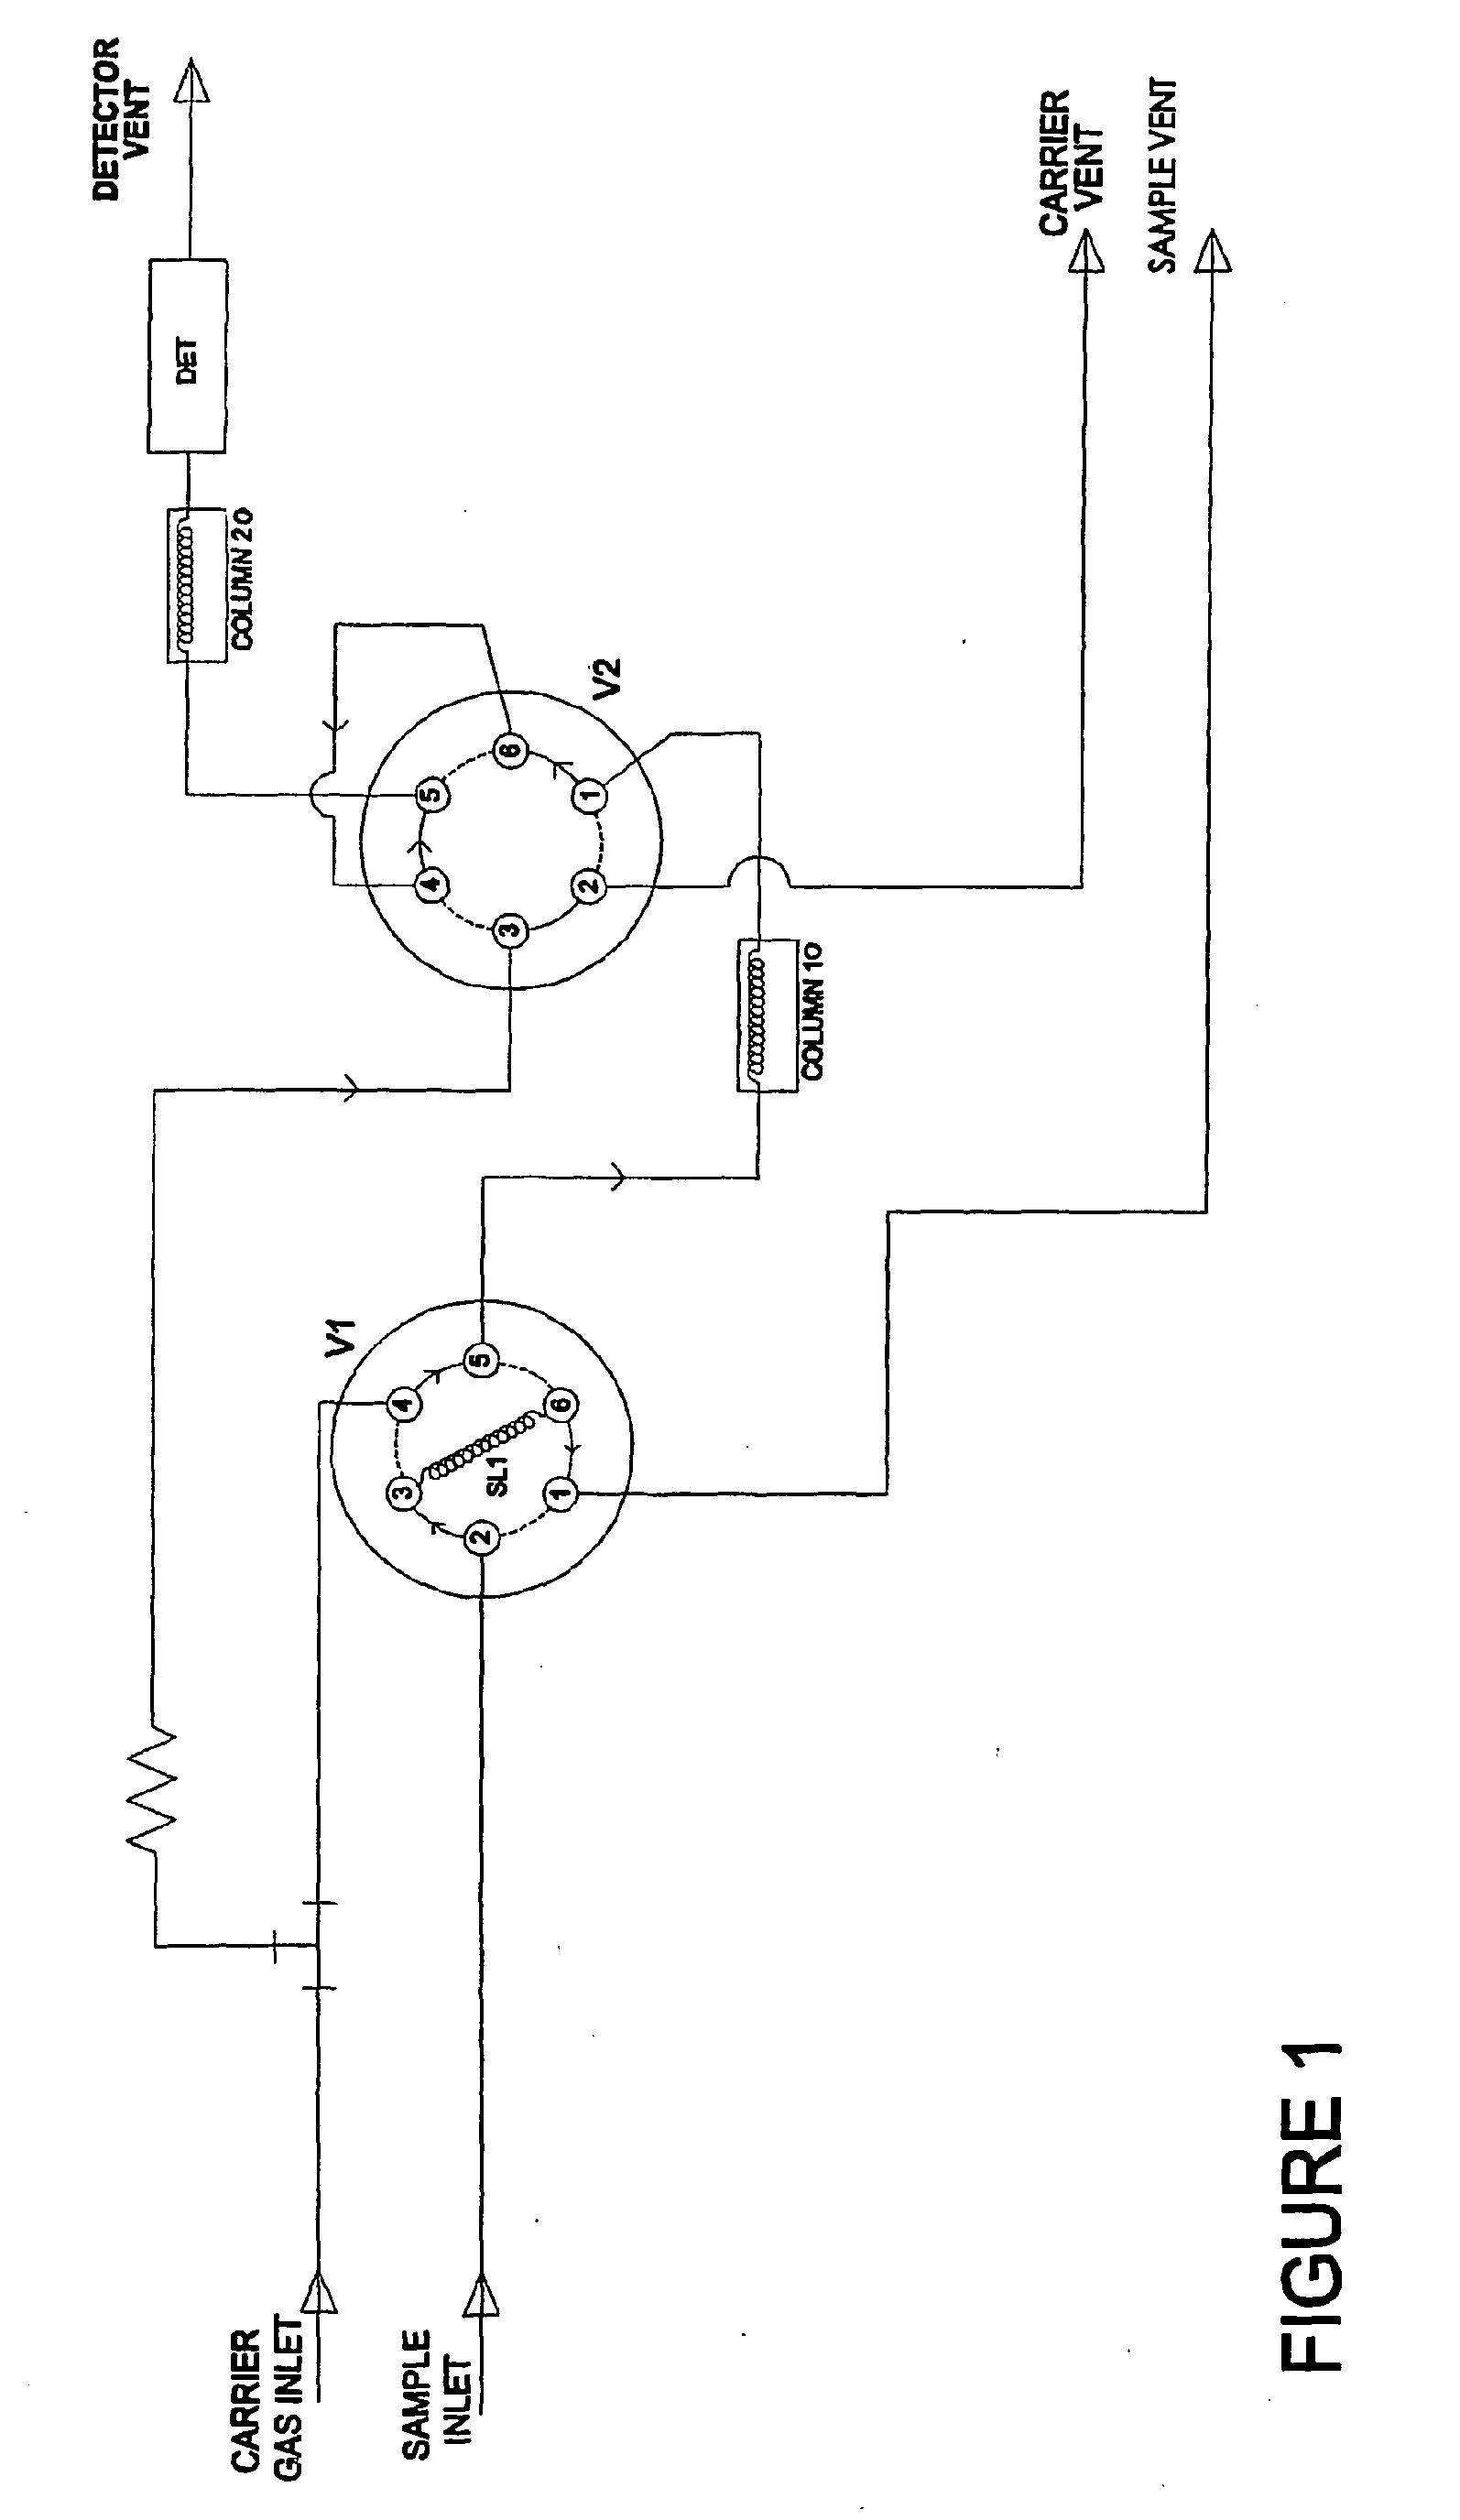 实用新型专利电路图